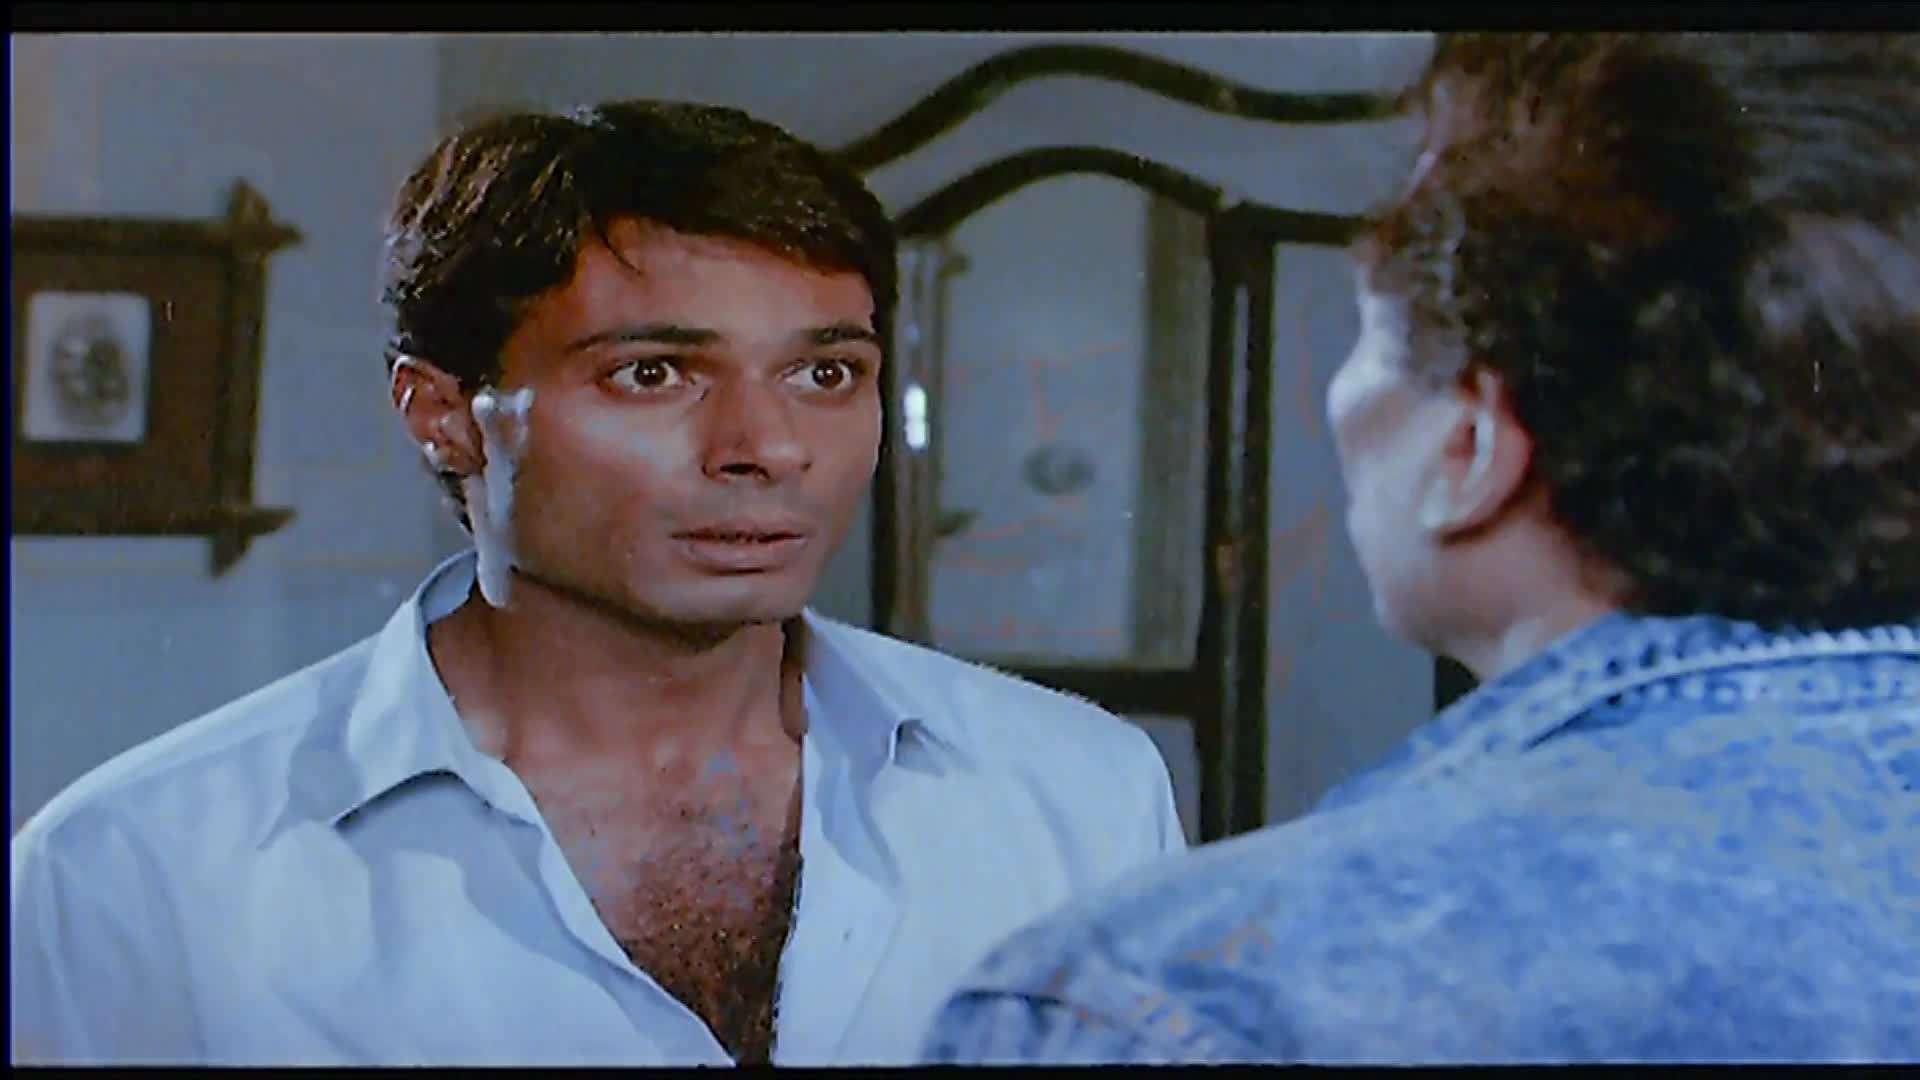 [فيلم][تورنت][تحميل][حنفي الأبهة][1990][1080p][Web-DL] 6 arabp2p.com